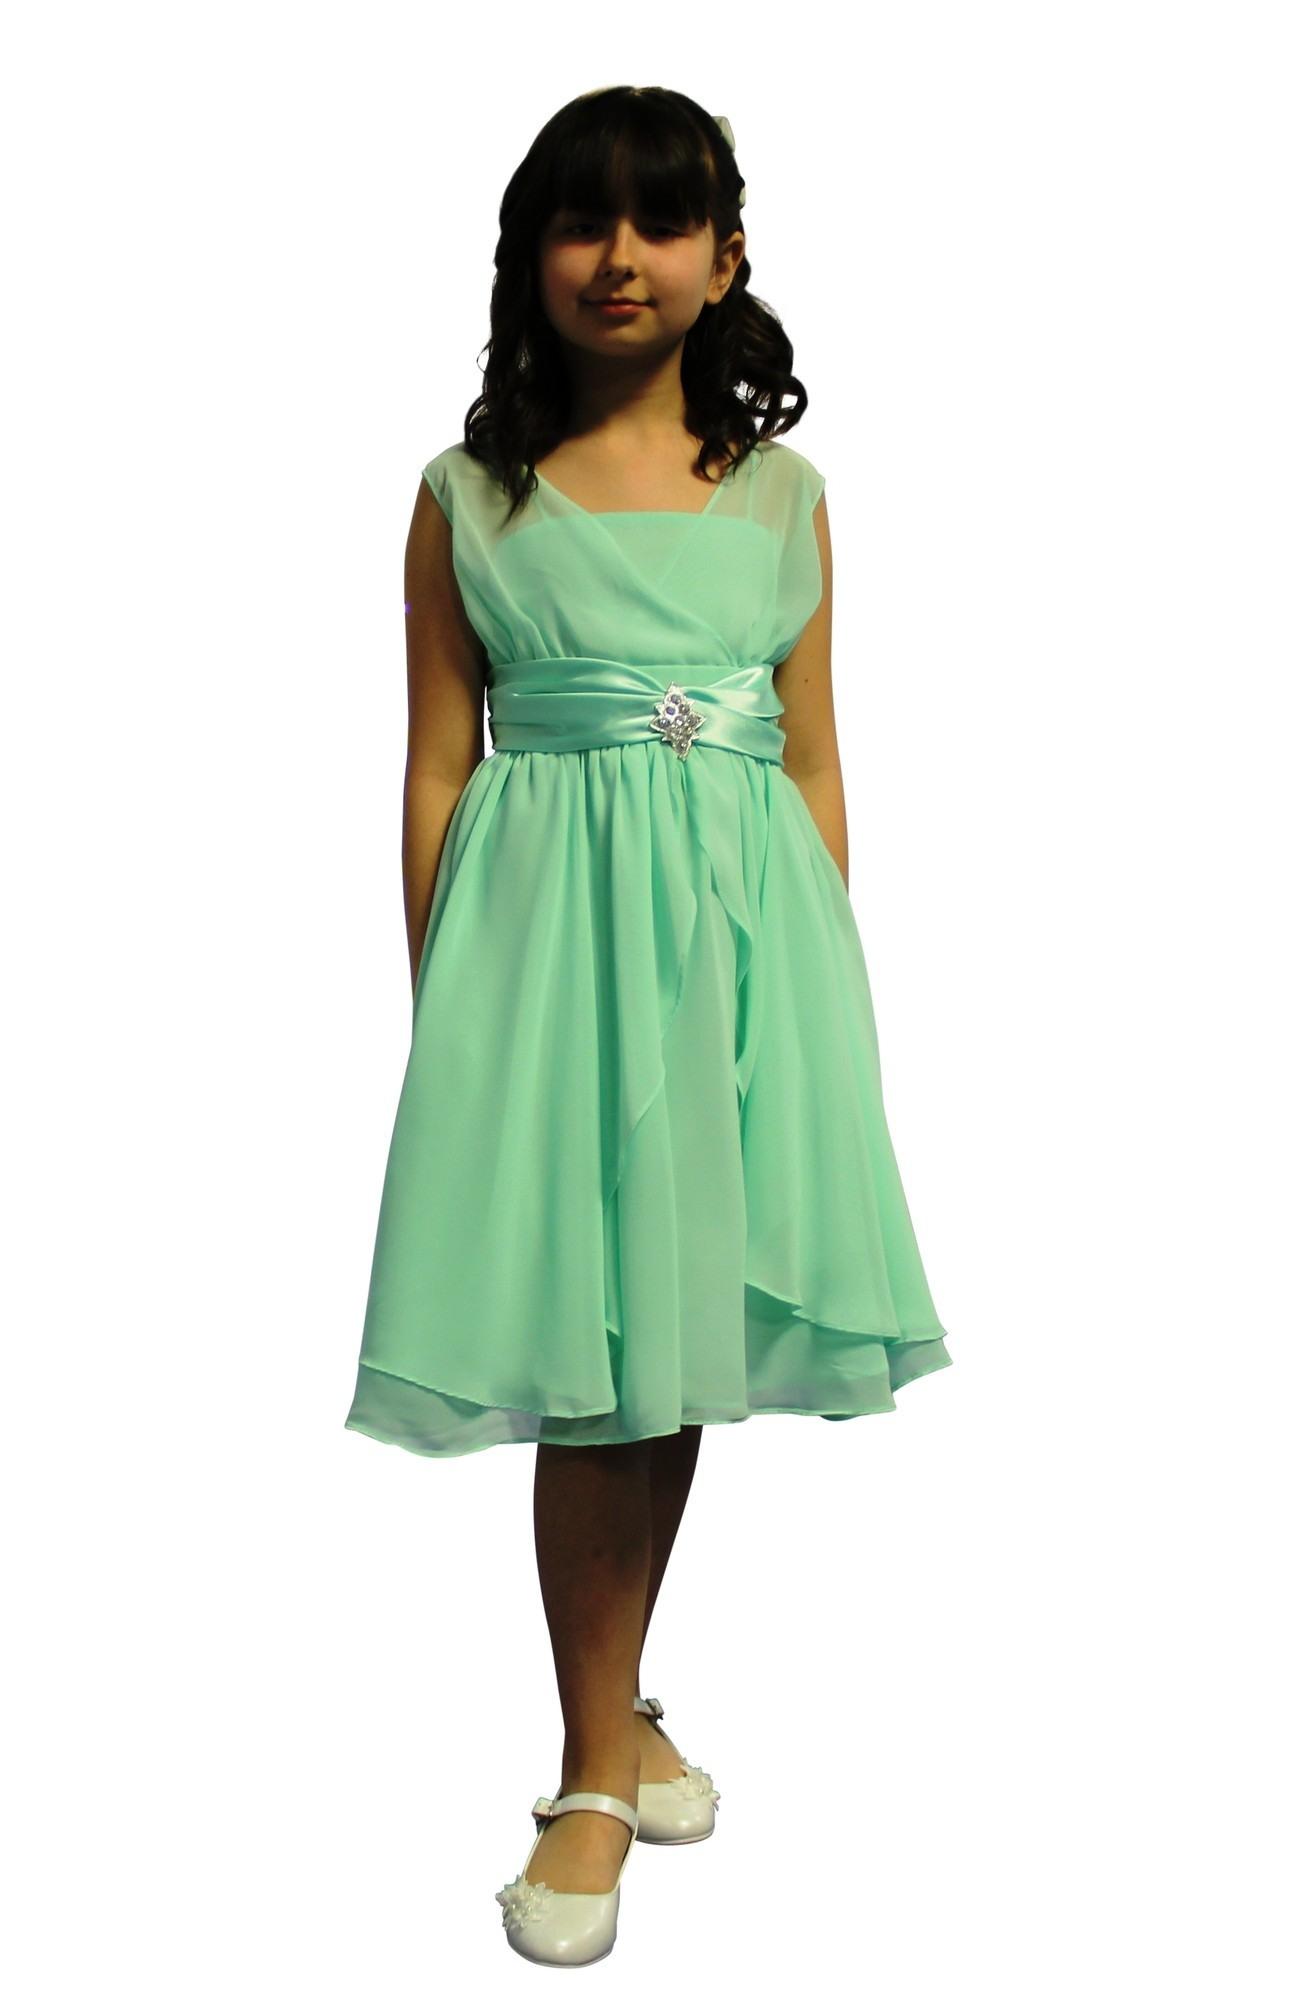 17 Luxus Kleid Grün Hochzeit Stylish  Abendkleid